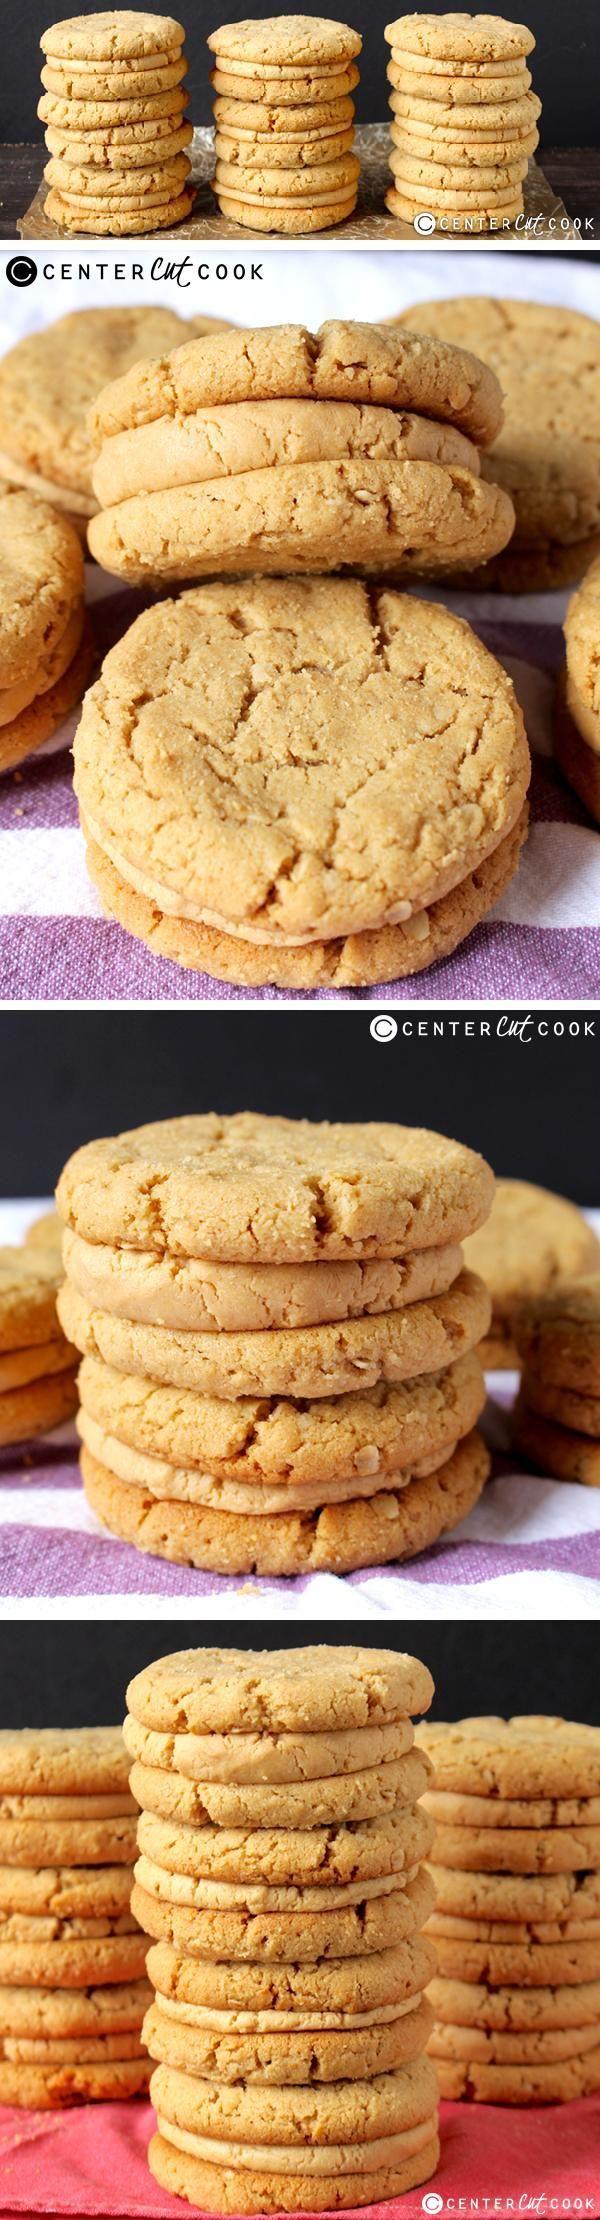 Sont les cookies de scout des filles